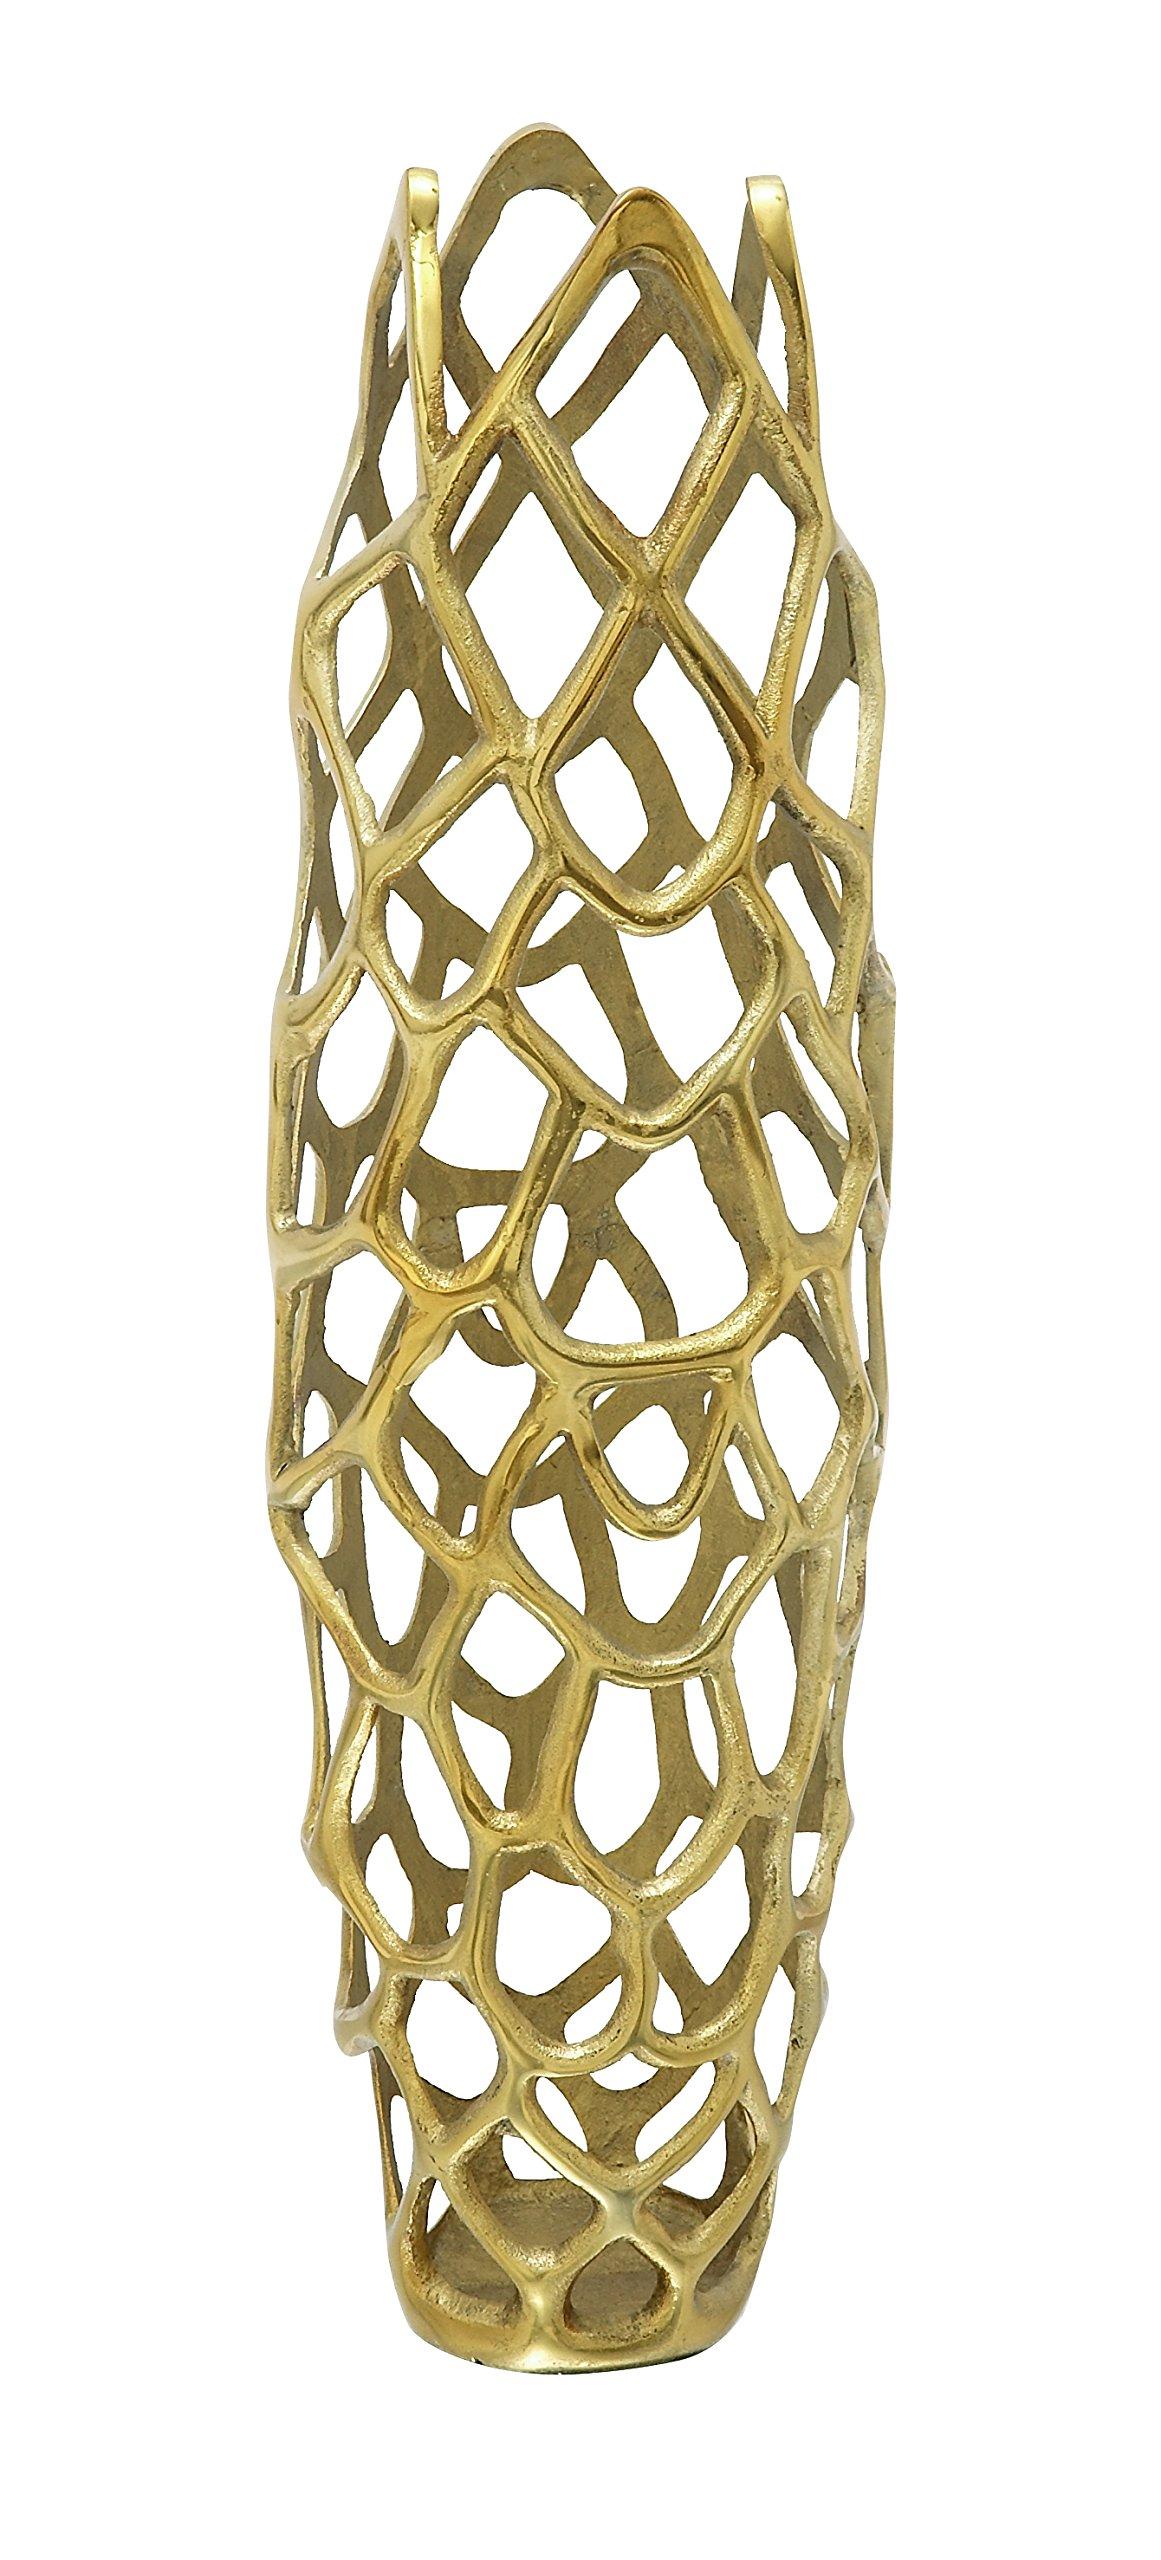 Deco 79 37662 Aluminium Decorative Gld Vase 9''W, 31''H -